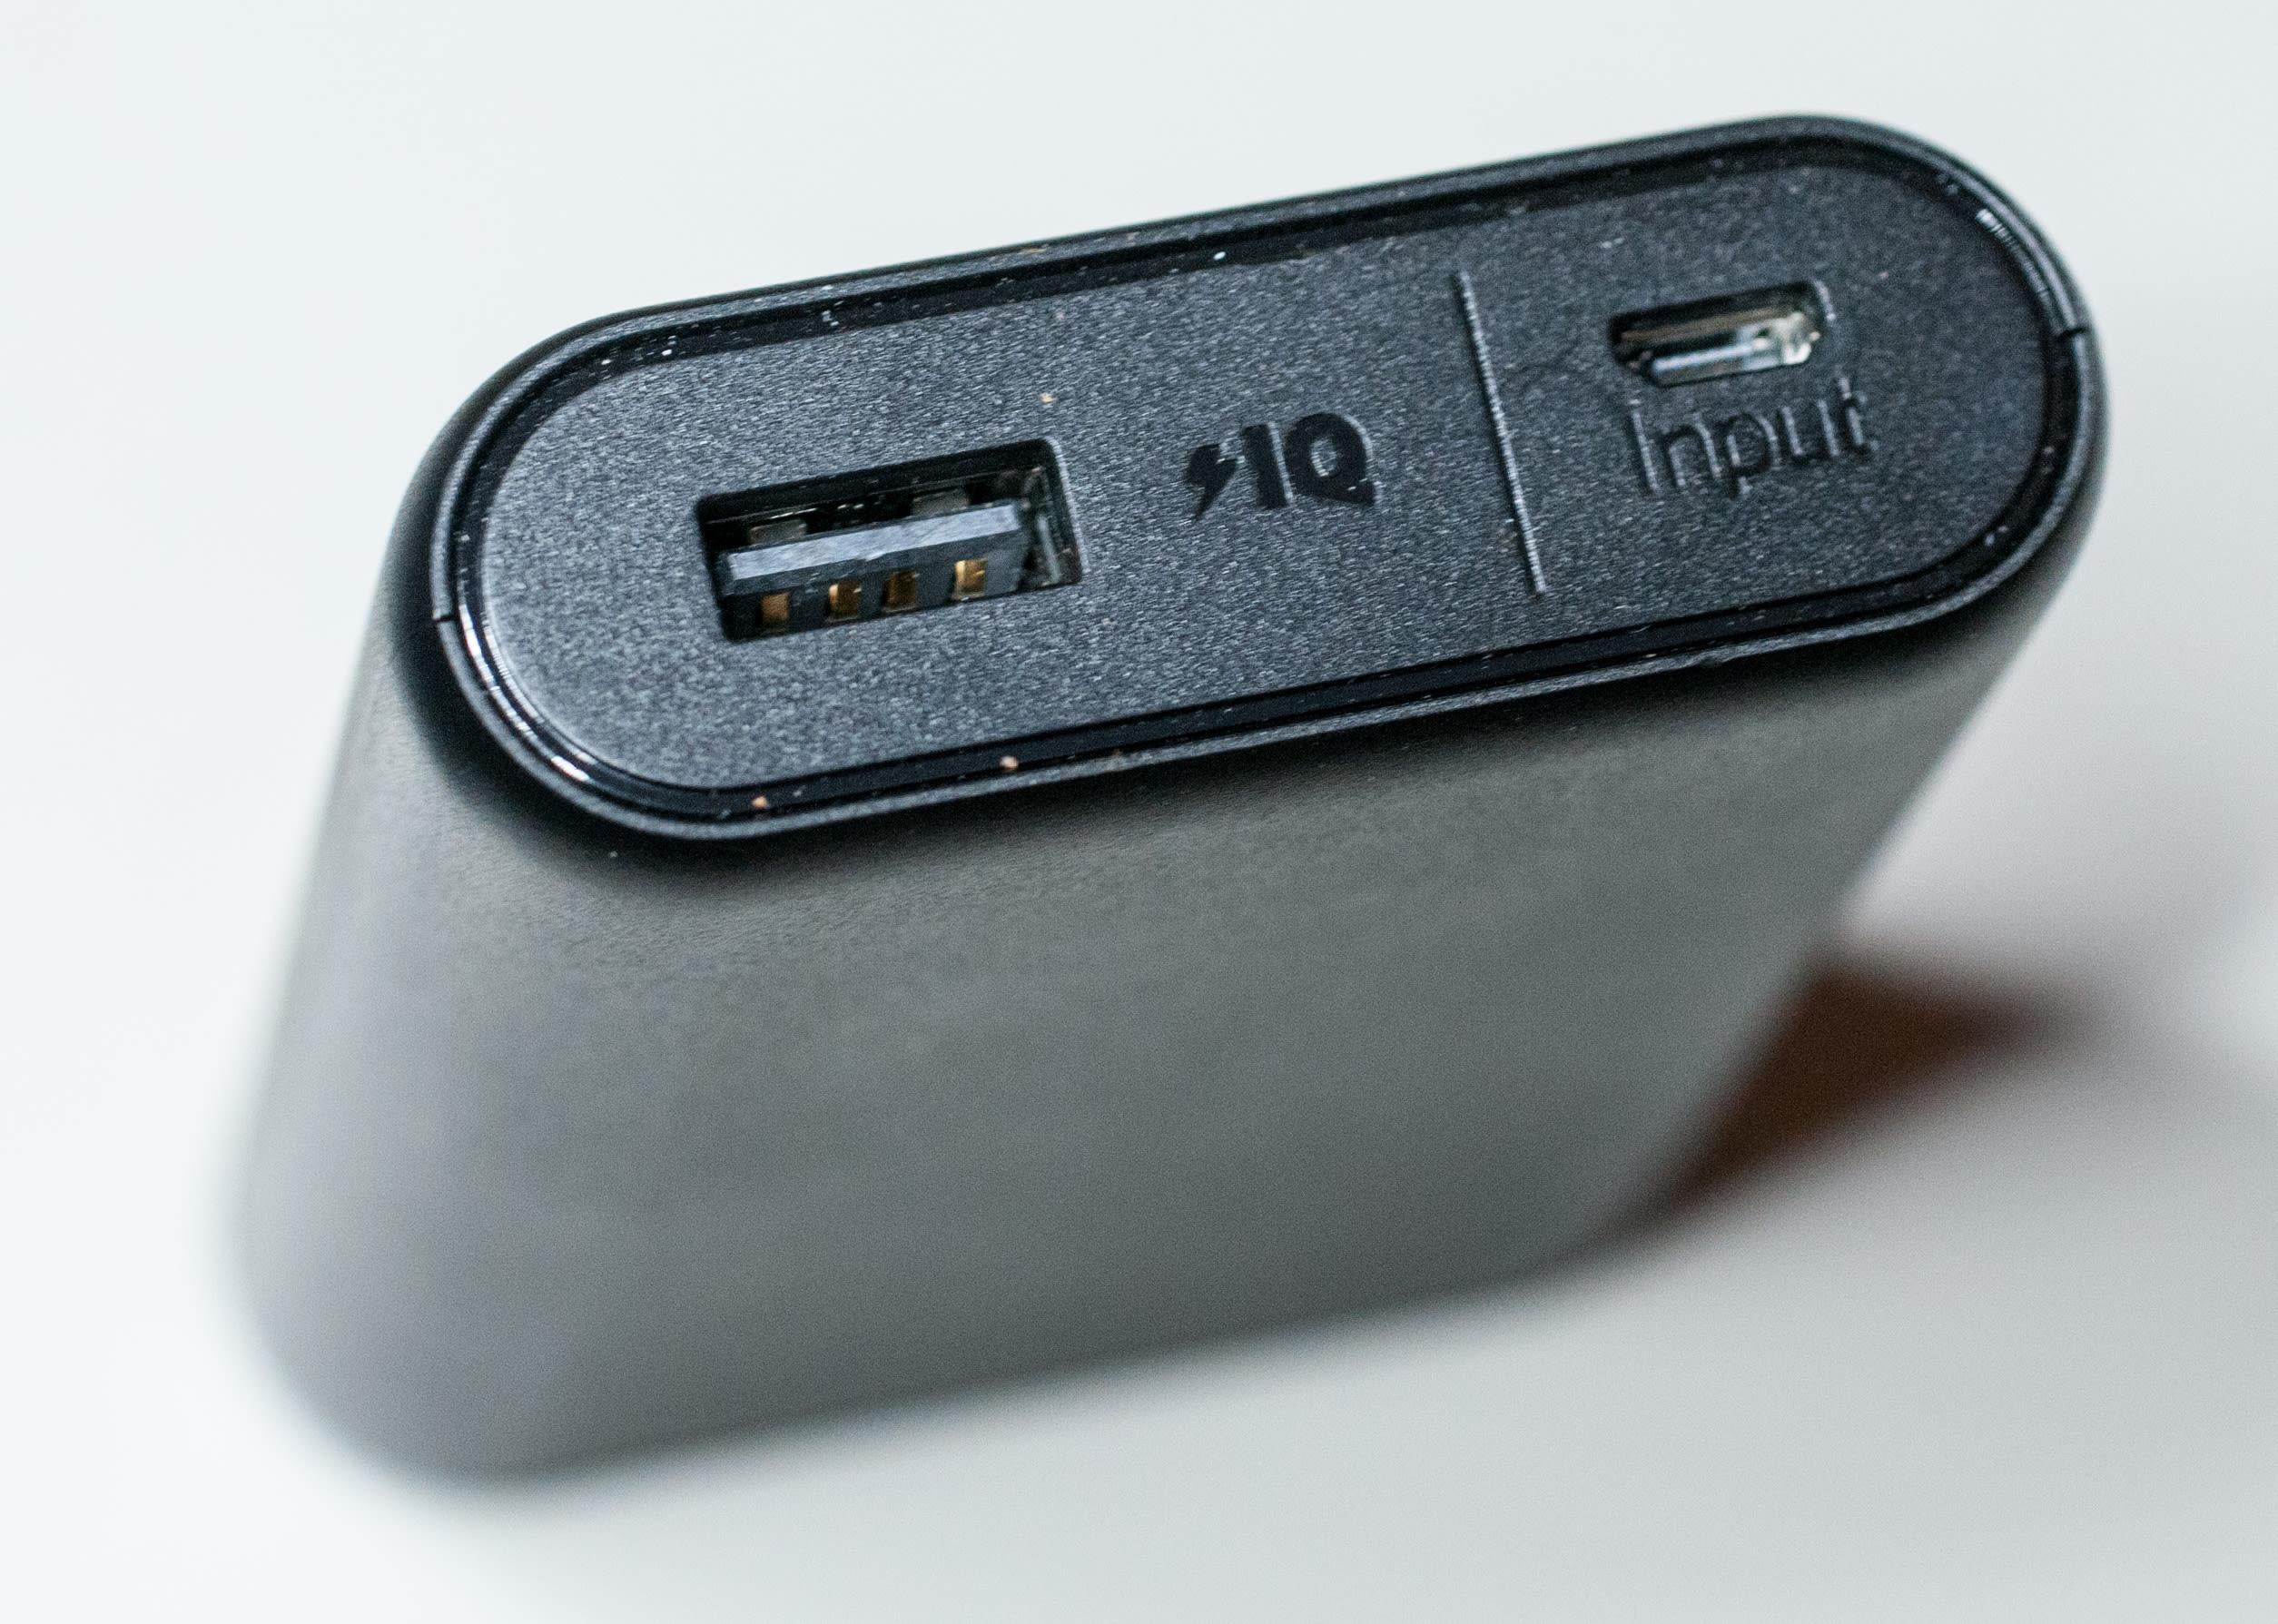 Cari yang mendukung besaran arus listrik ponsel